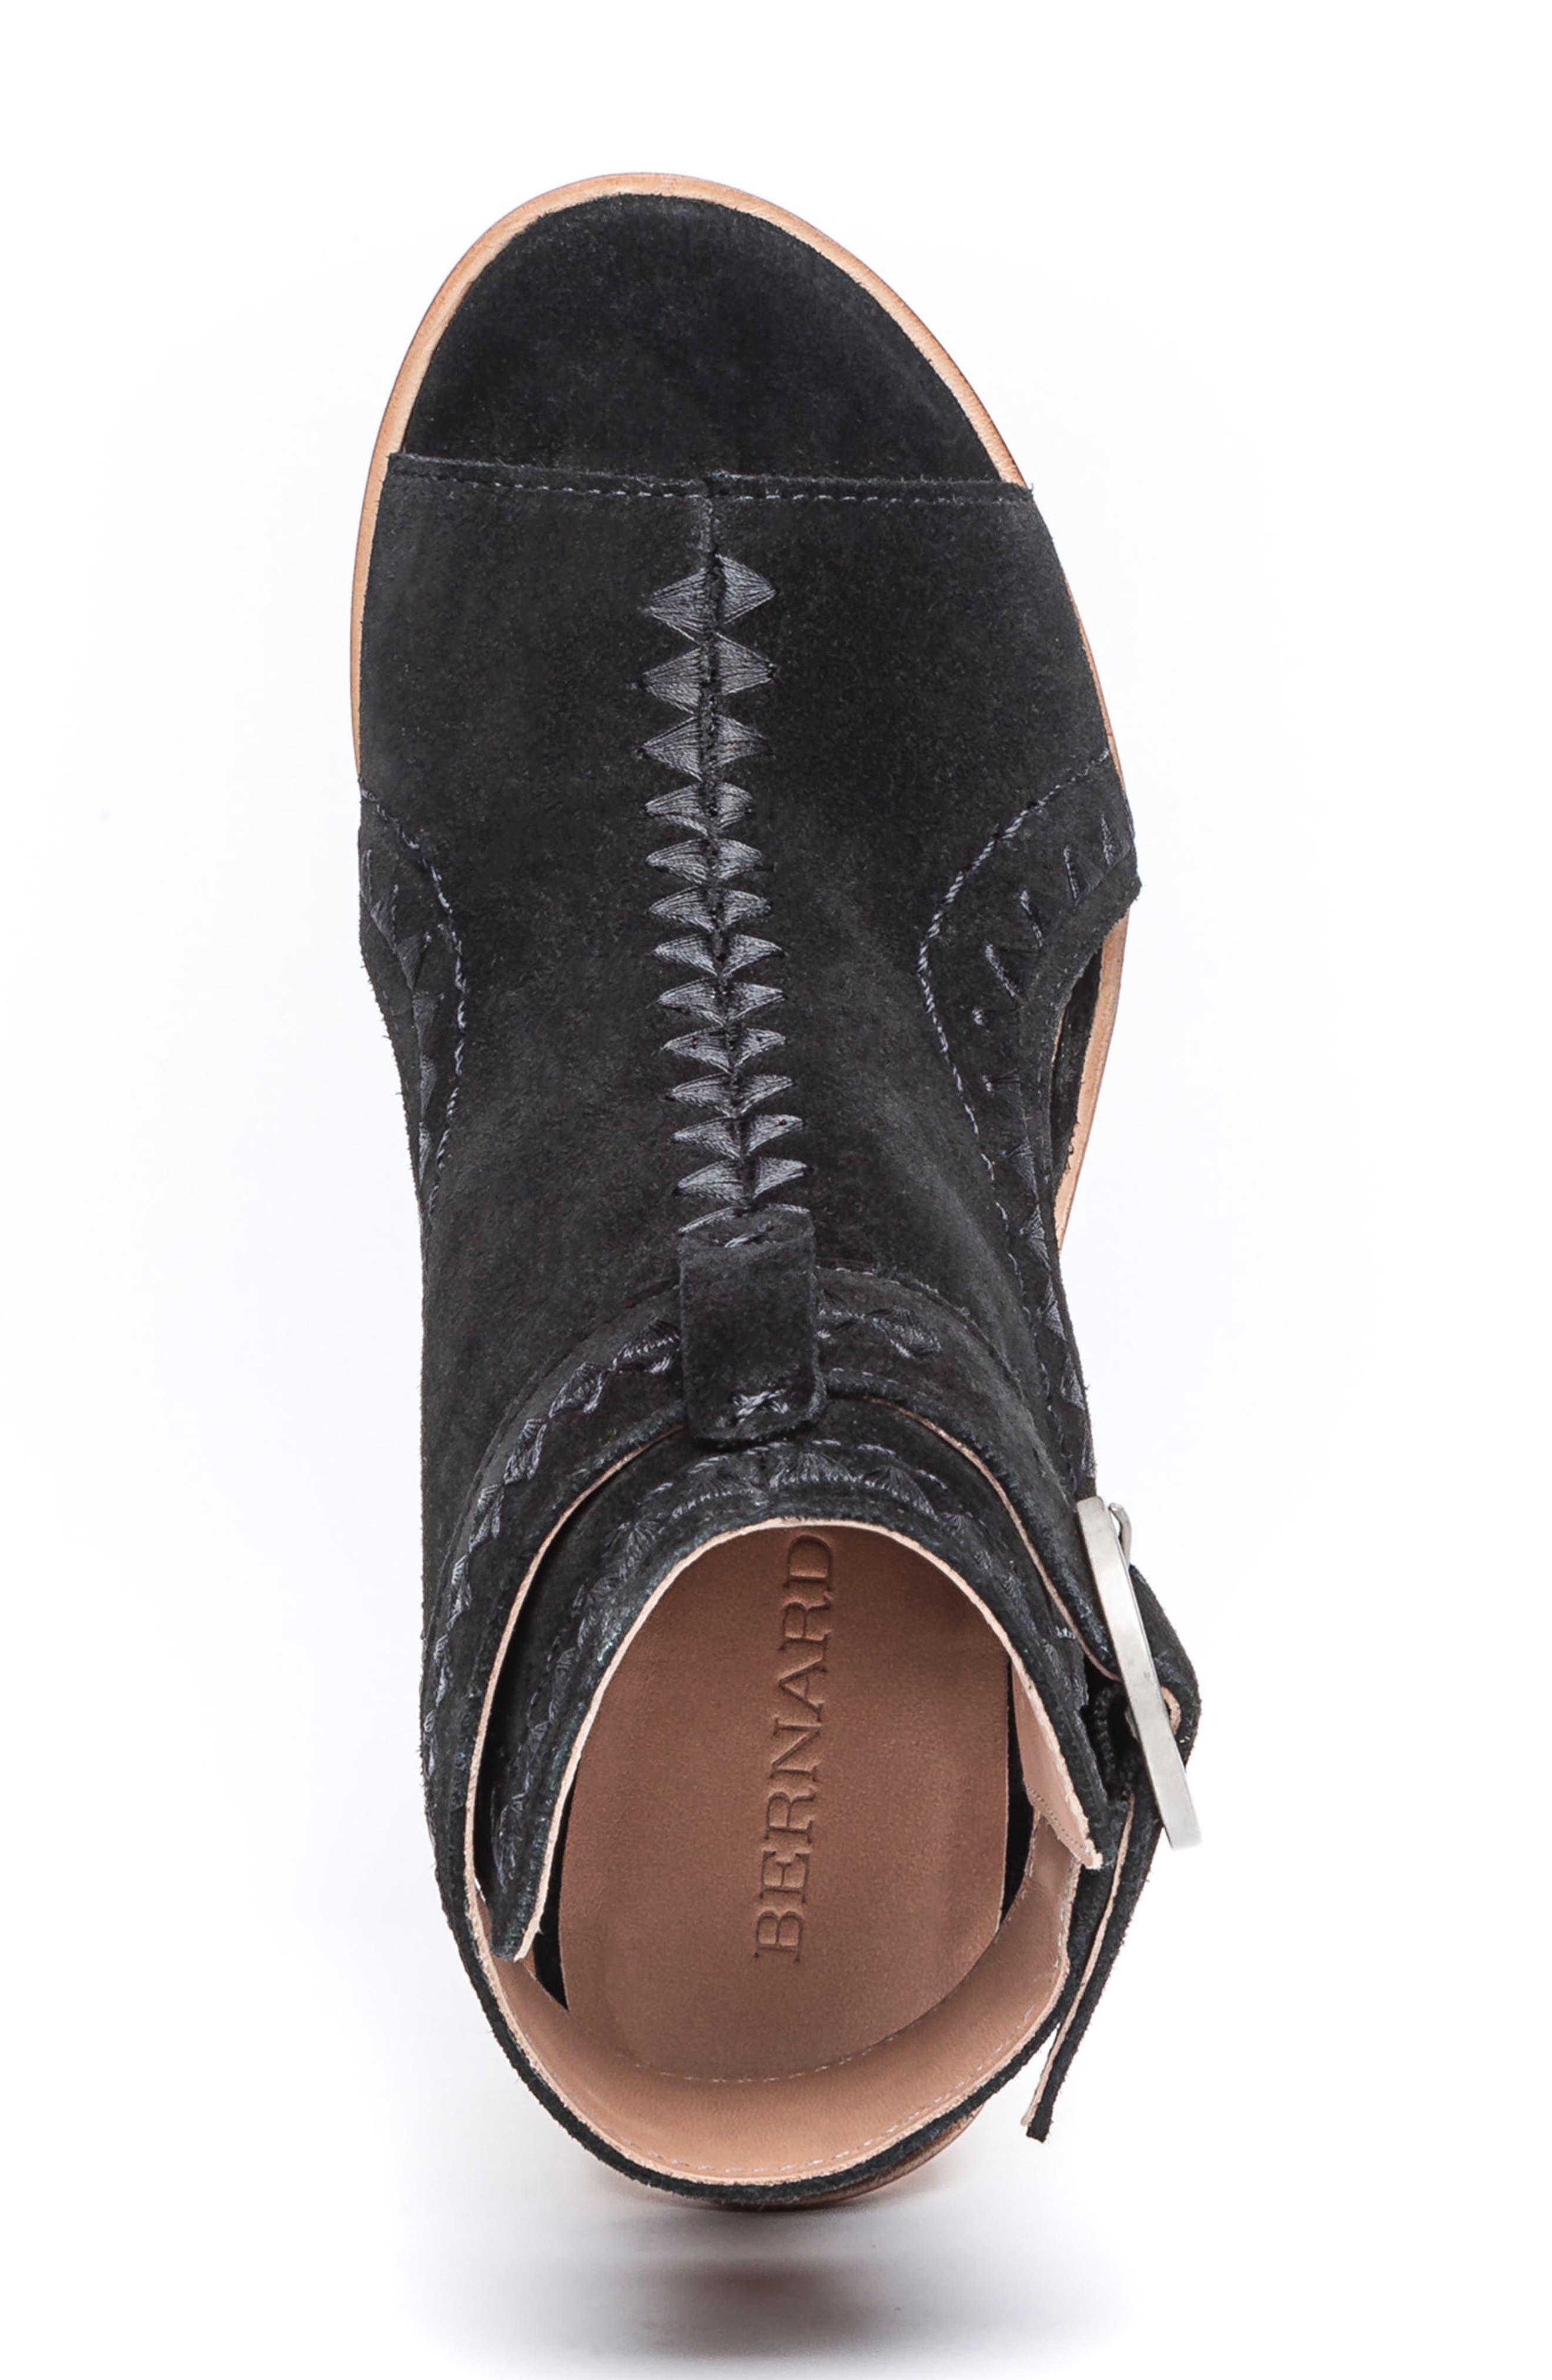 BERNARDO, Harper Embroidered Sandal, Alternate thumbnail 5, color, BLACK LEATHER